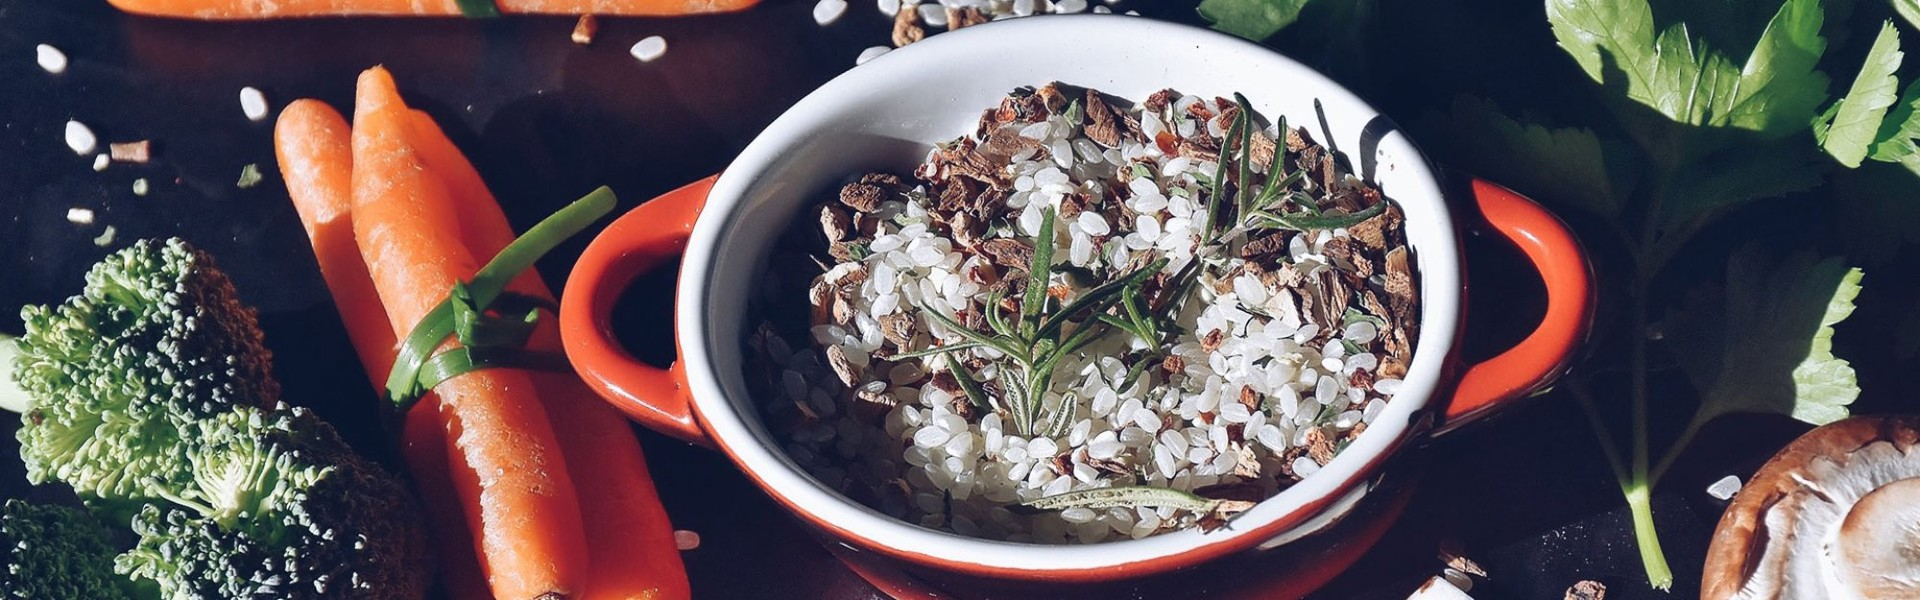 No dia Europeu da Alimentação e Cozinha Saudáveis, brindemos à Dieta Mediterrânica!